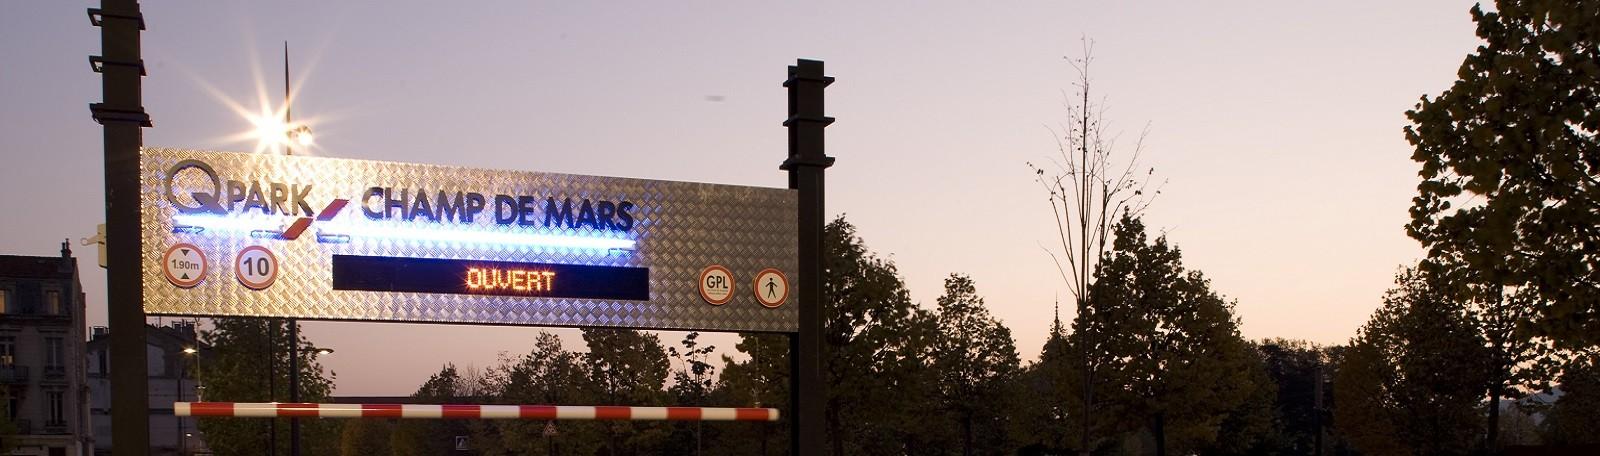 De tweede grootste parkeeroperator in Europa | Q-Park